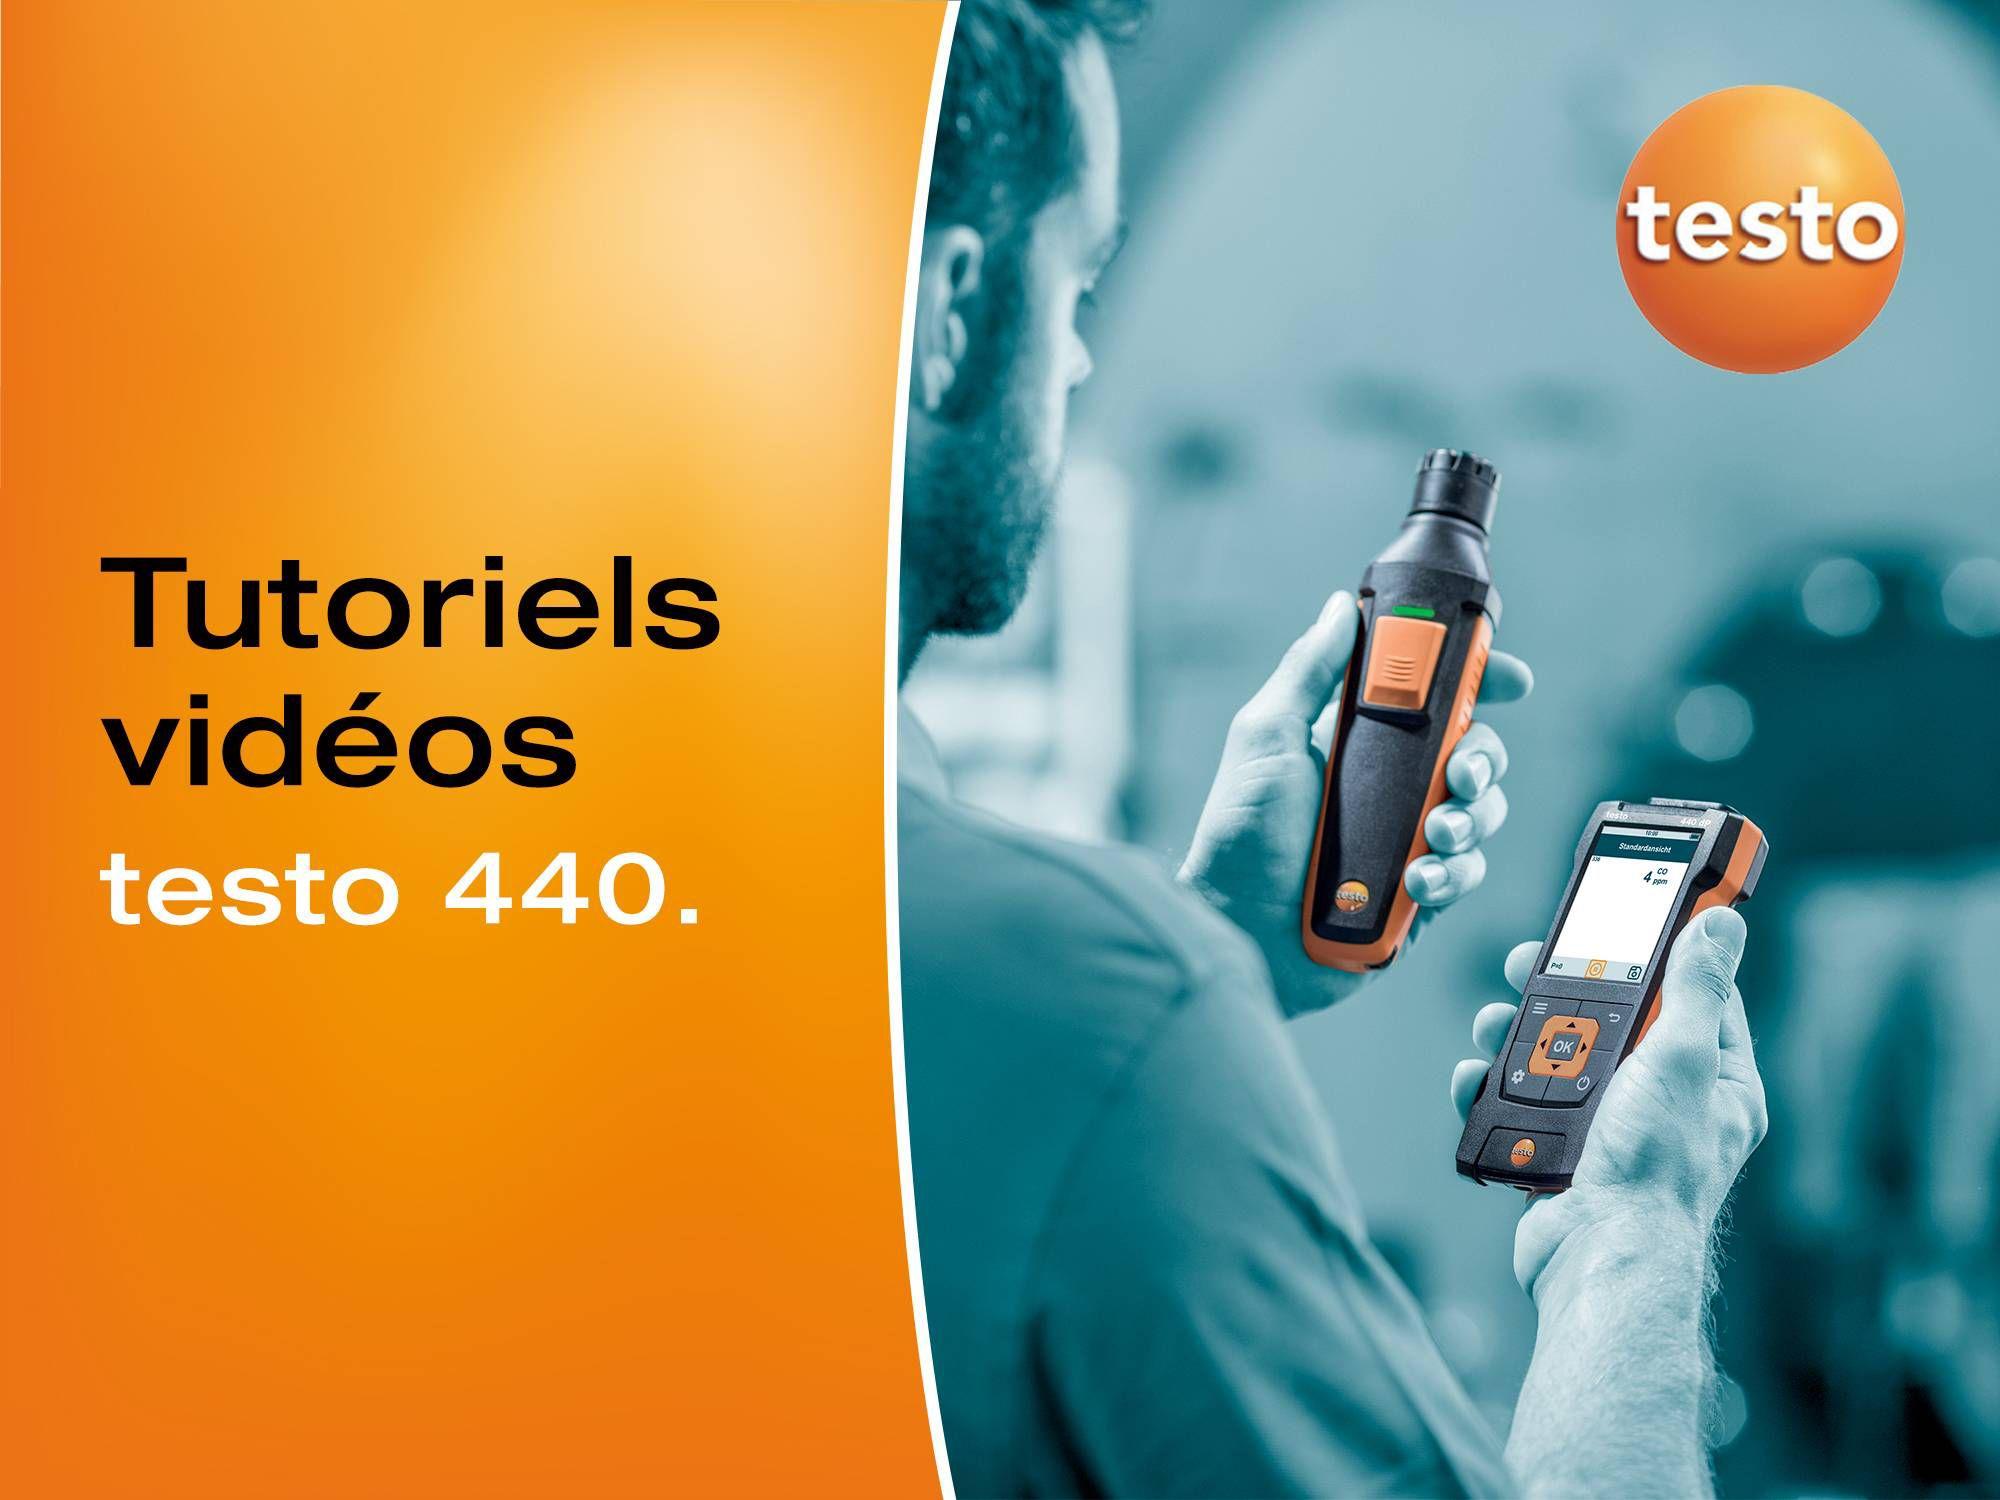 Tutoriels vidéos pour l'utilisation de l'appareil multifonctions pour l'aéraulique testo 440